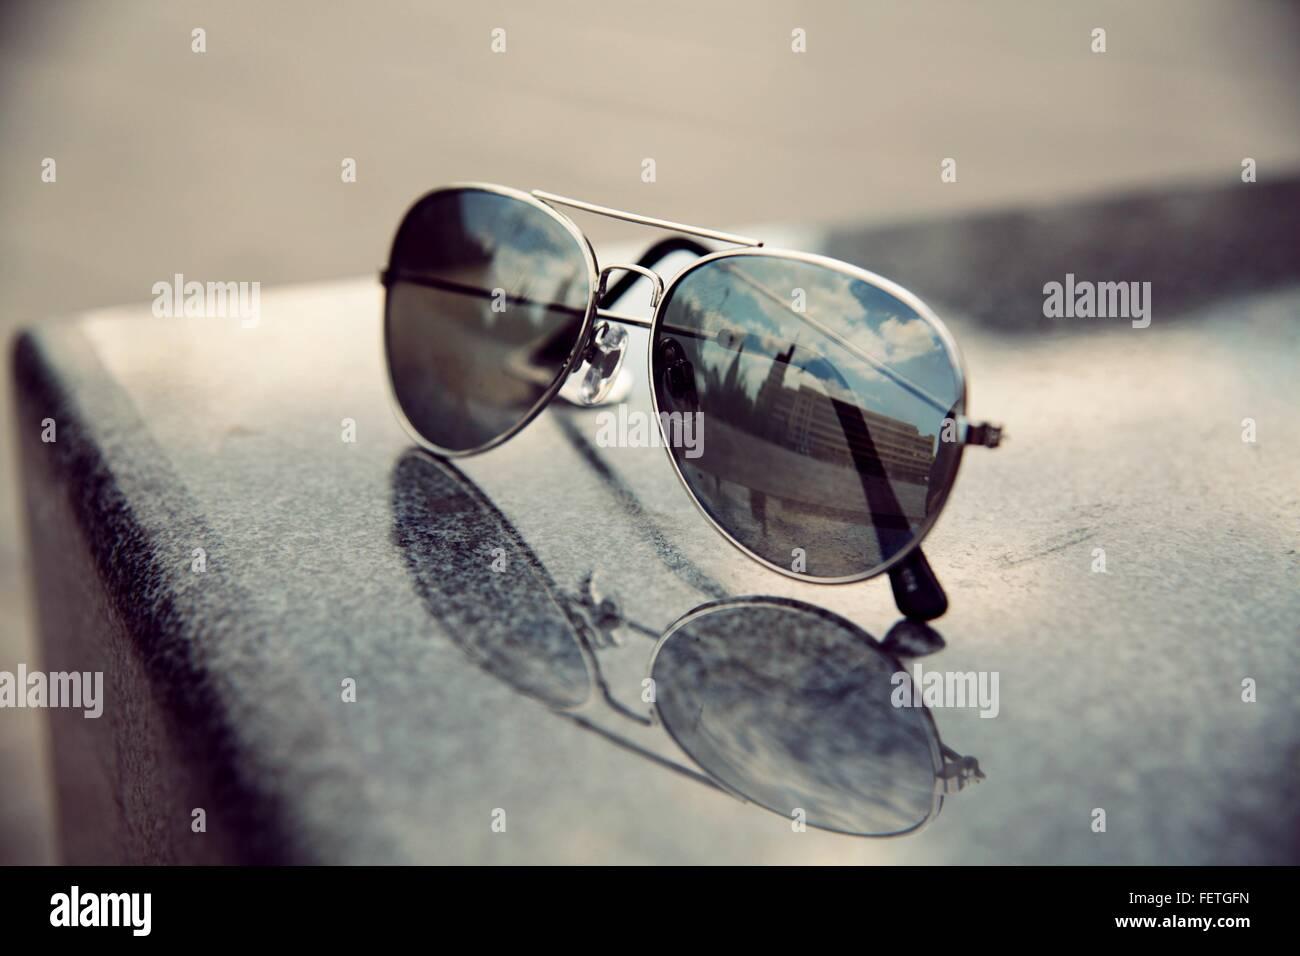 Reflexion des Gebäudes auf Sonnenbrille Stockbild